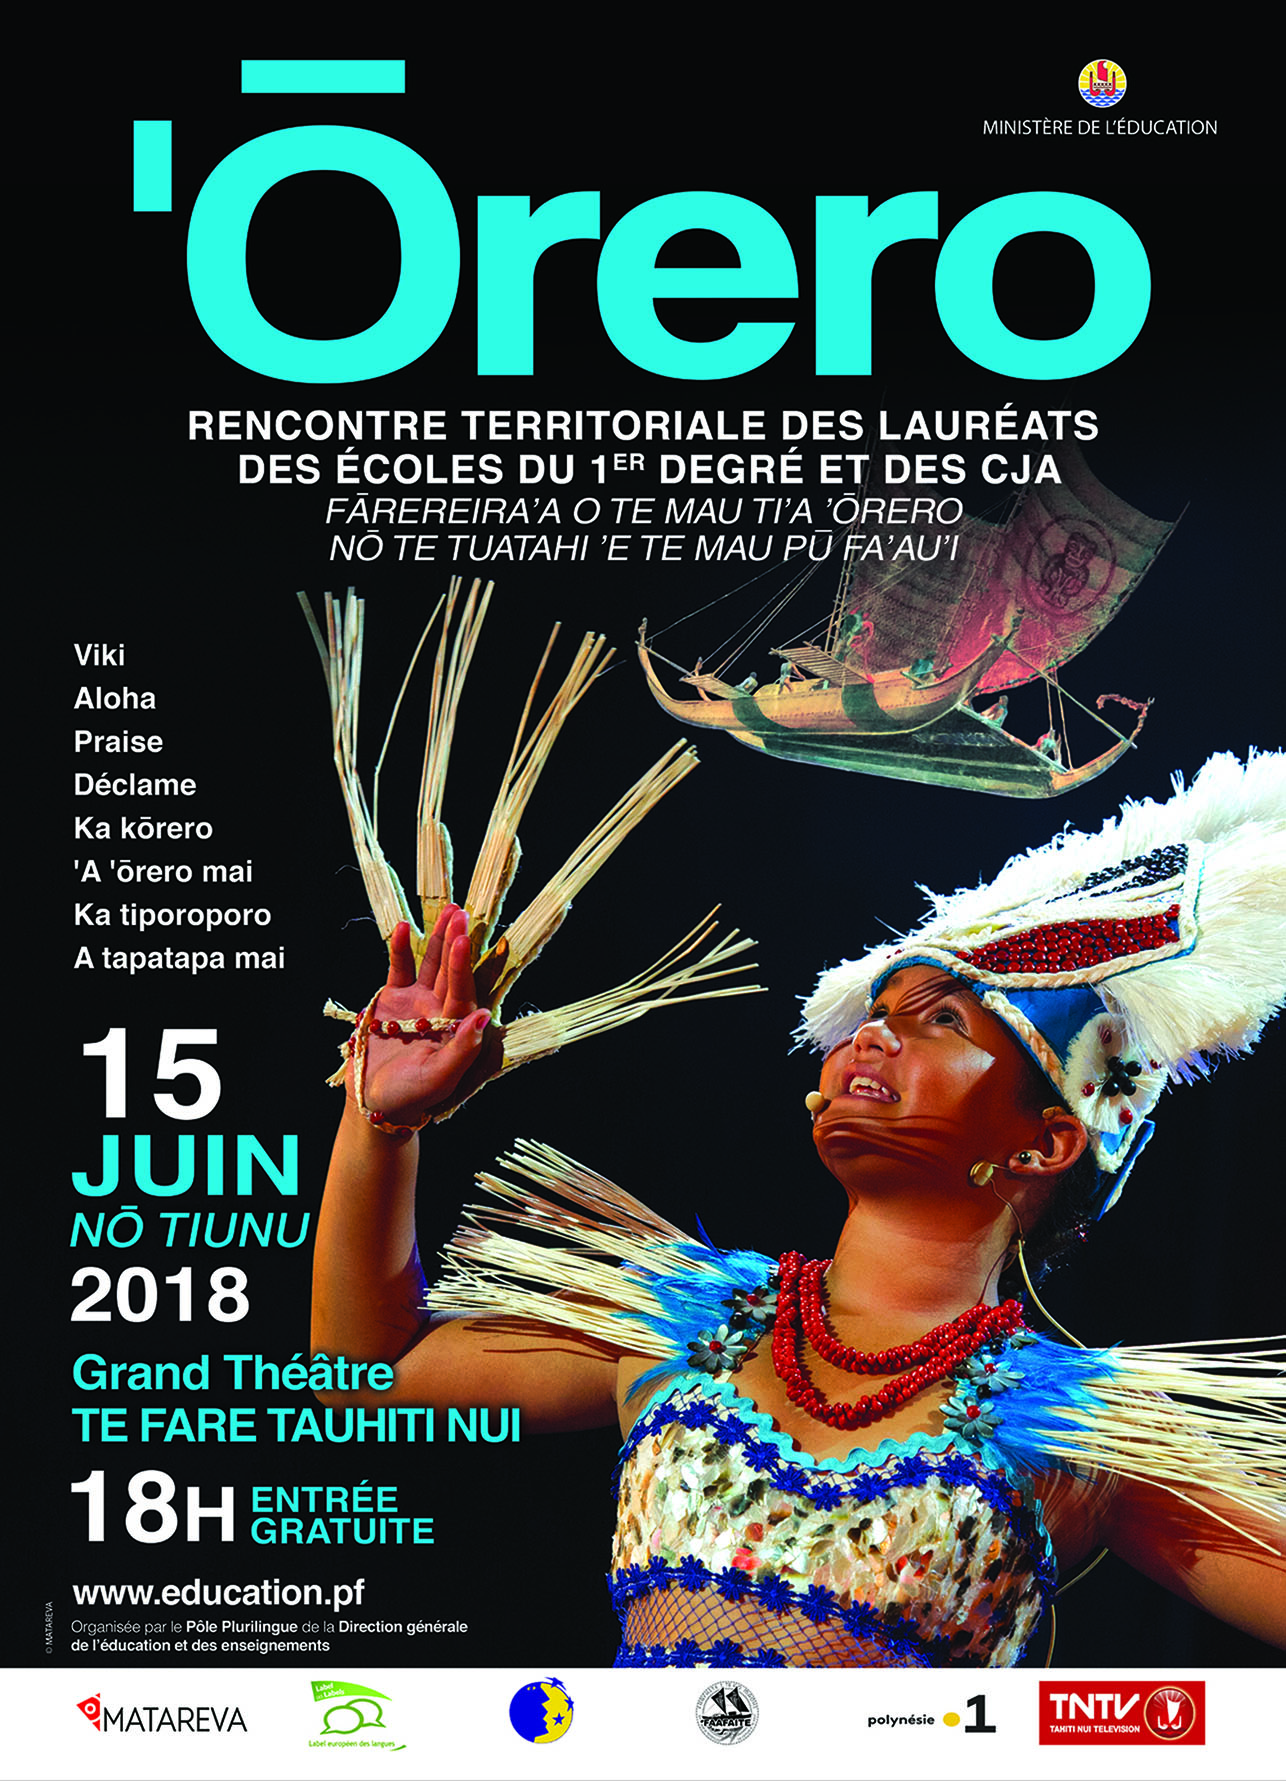 Les 9e rencontres territoriales des lauréats de 'ōrero c'est demain soir !